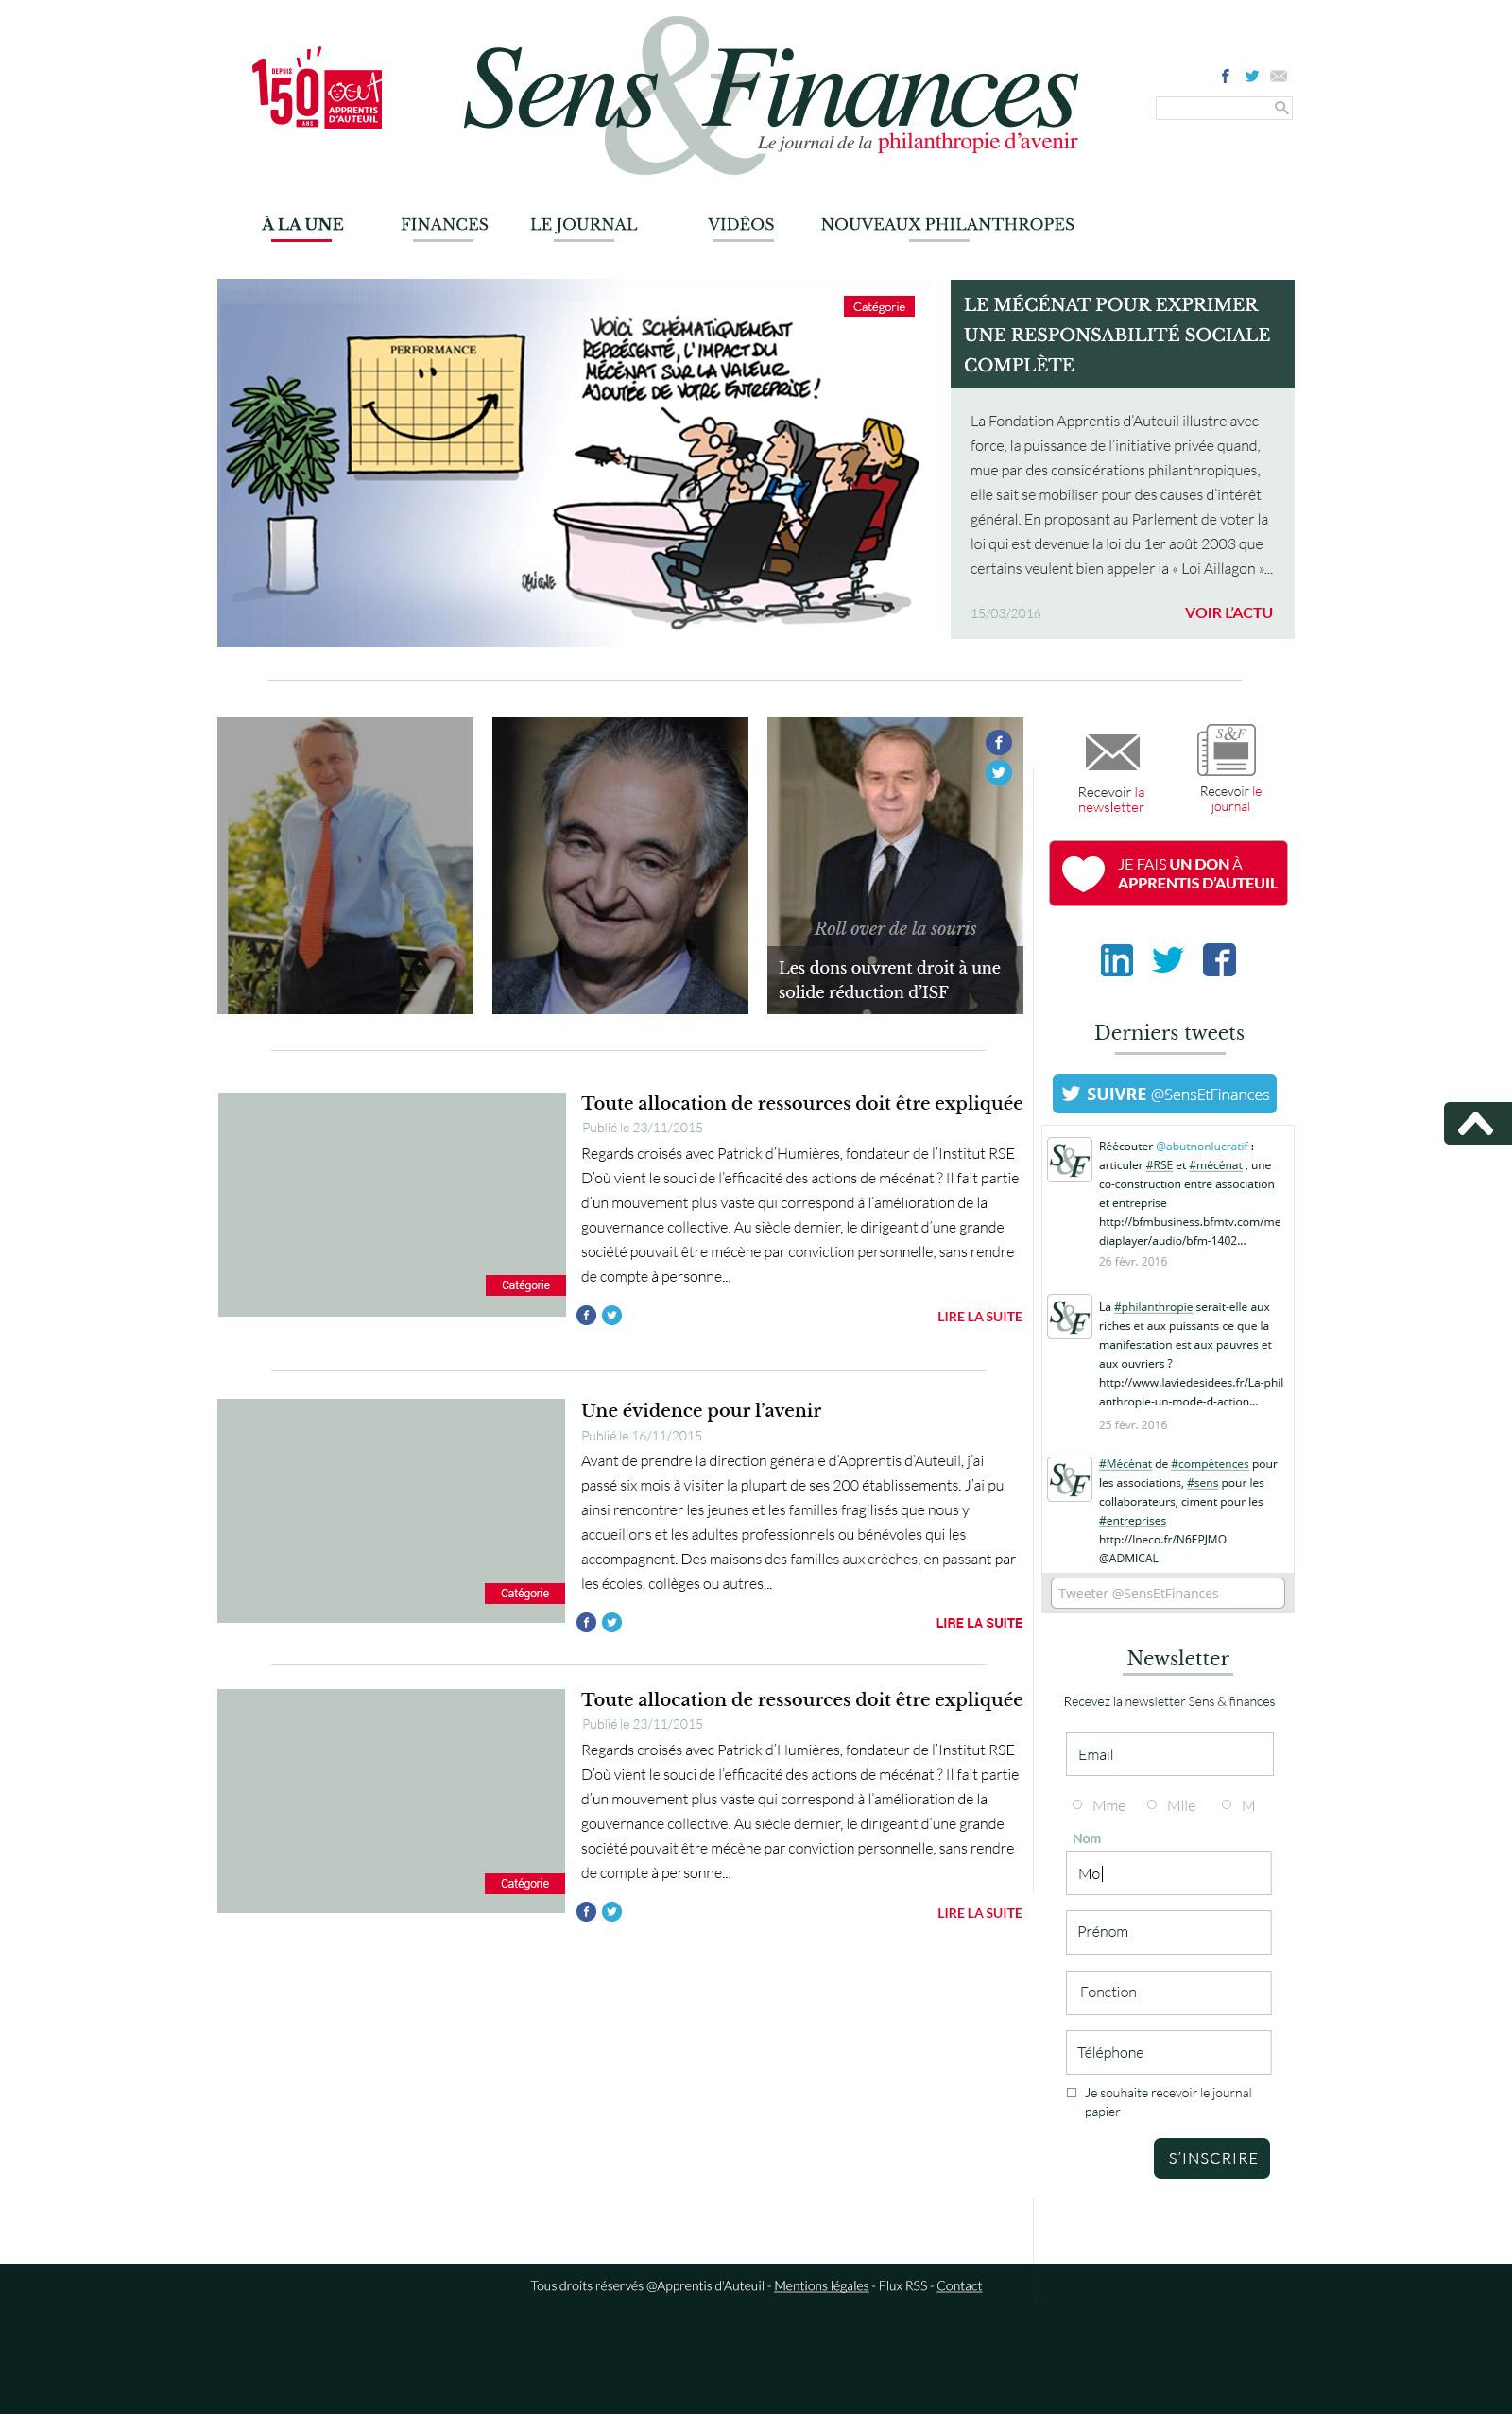 screenshot thème Sens et Finances